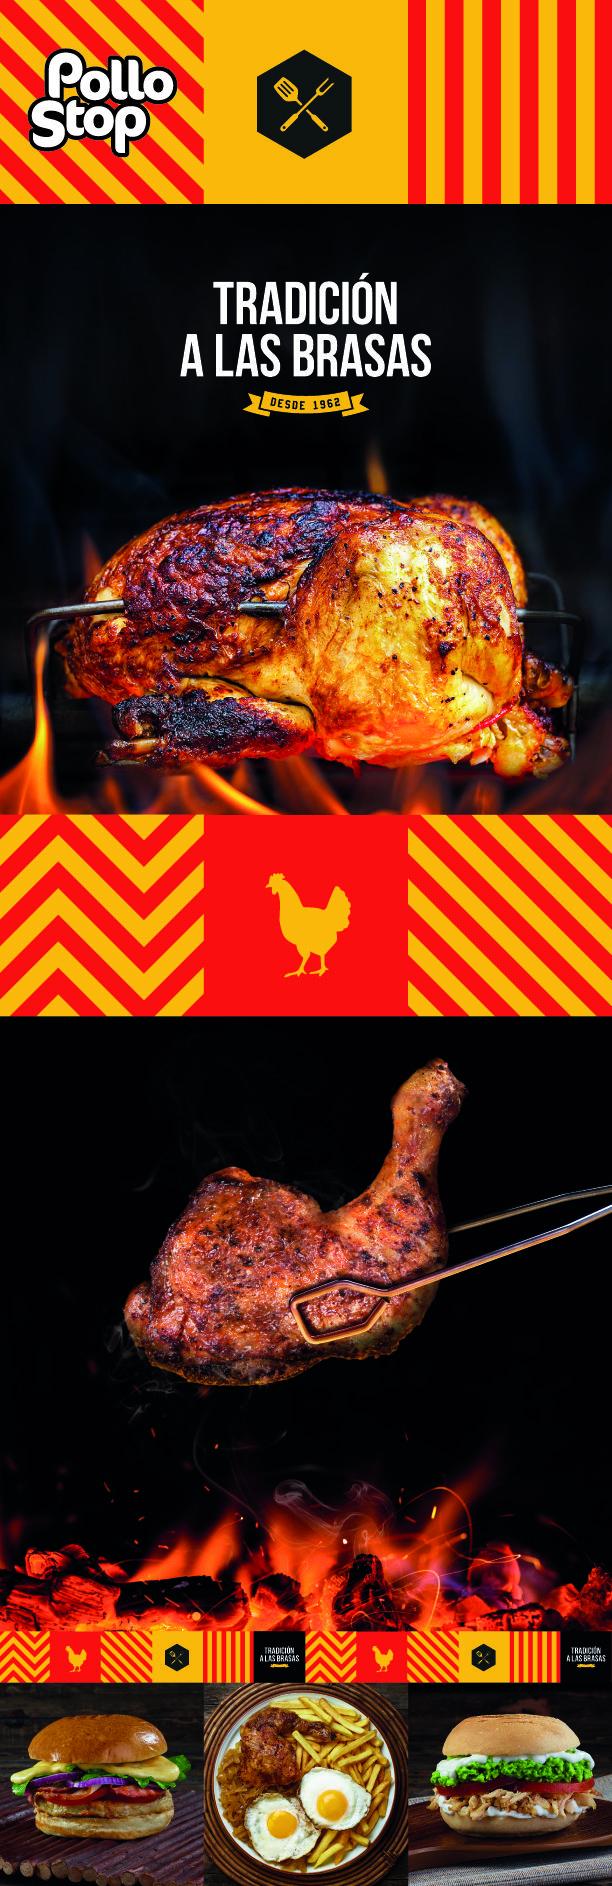 Pollo Stop · Tradición a las Brasas